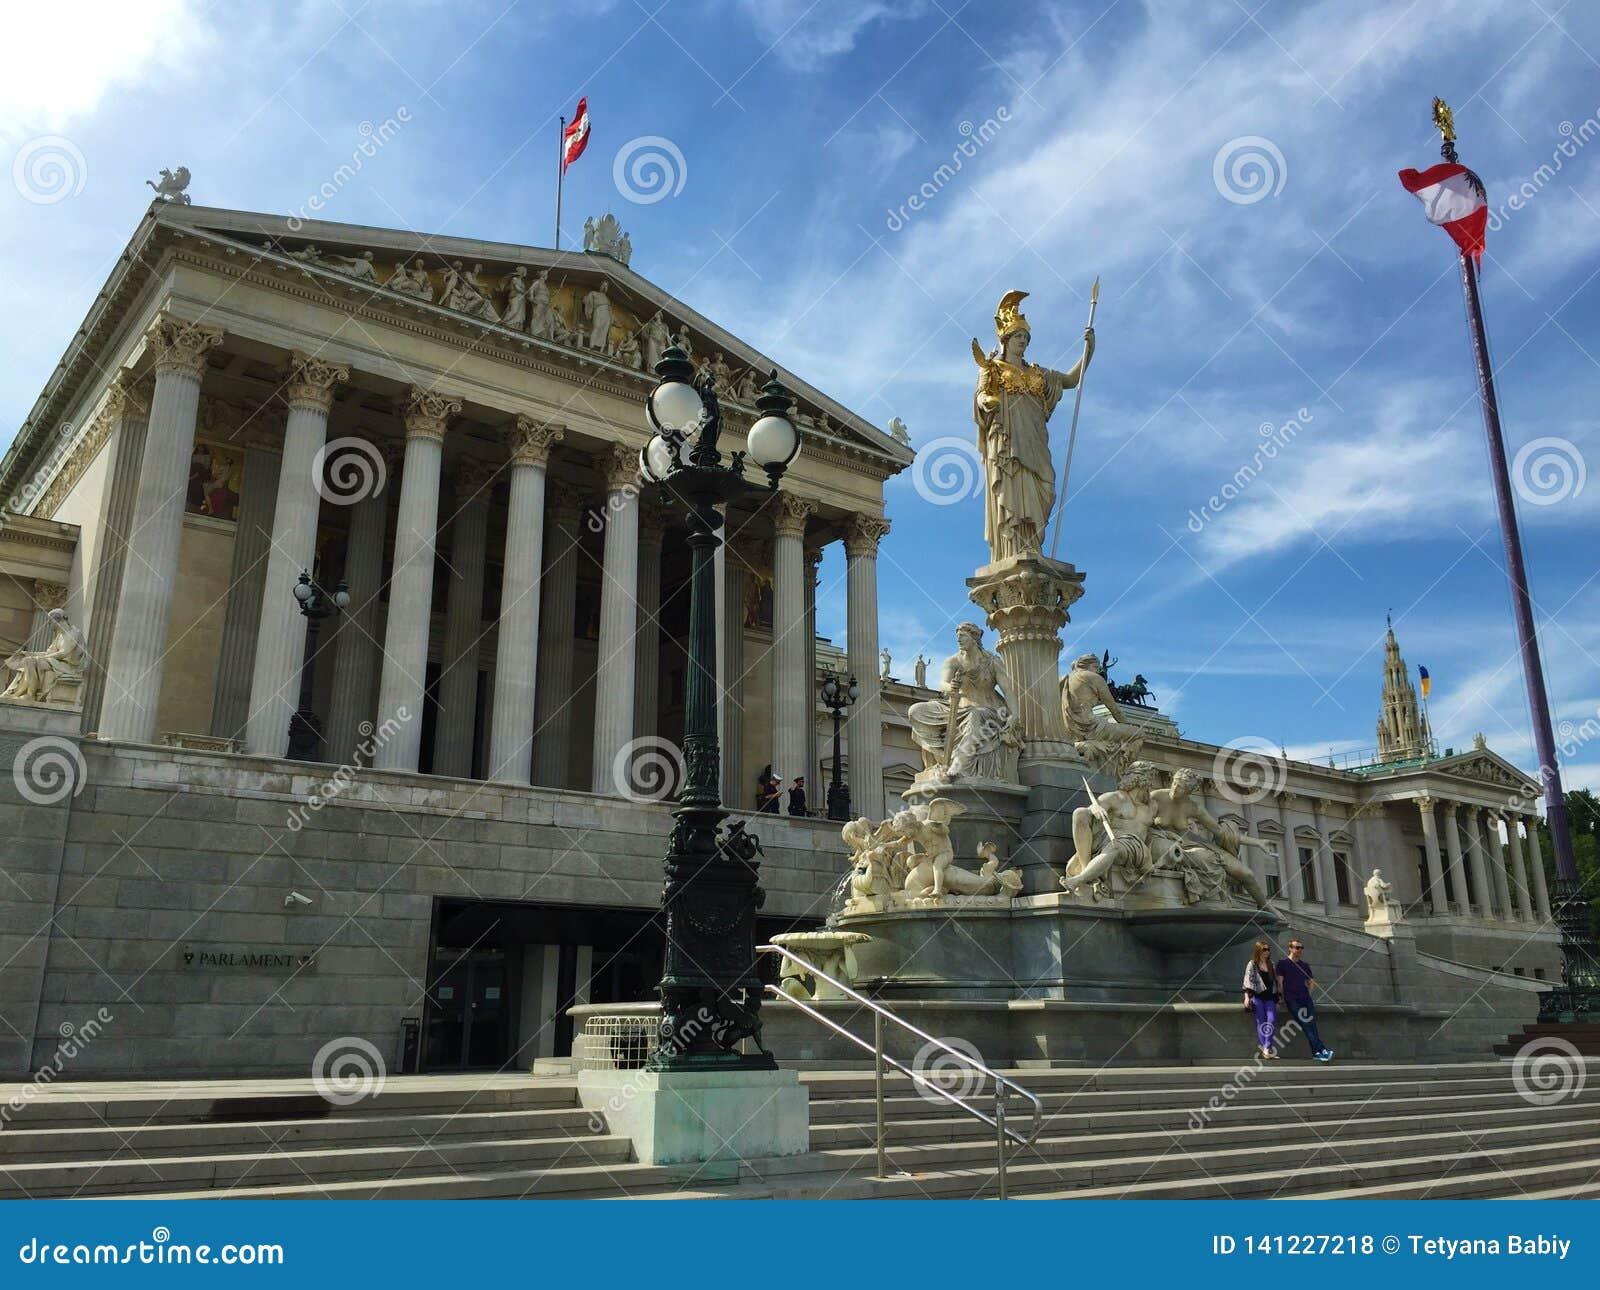 Βιέννη - μια από τις επισκεμμένες πόλεις της Ευρώπης - το Κοινοβούλιο, pallas Αθηνά αγαλμάτων, goddes